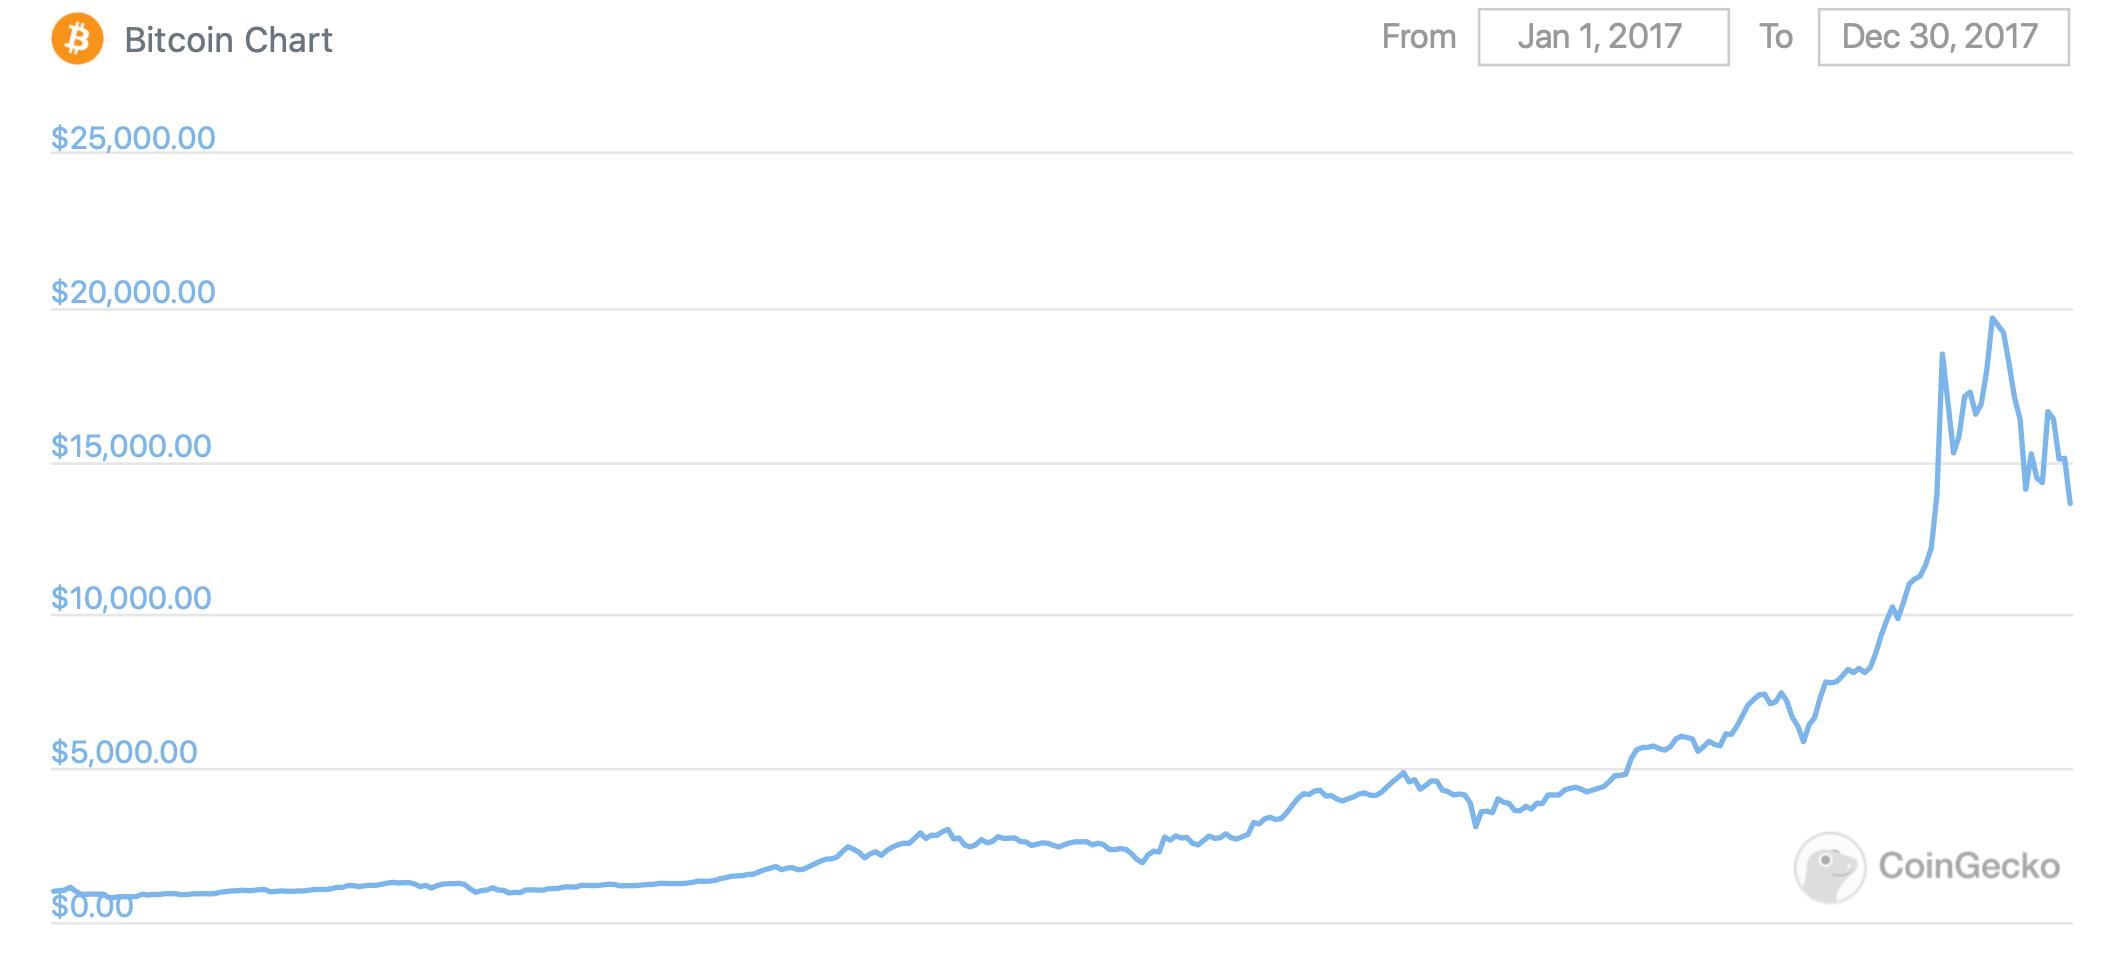 График курса Биткоина за 2017 год